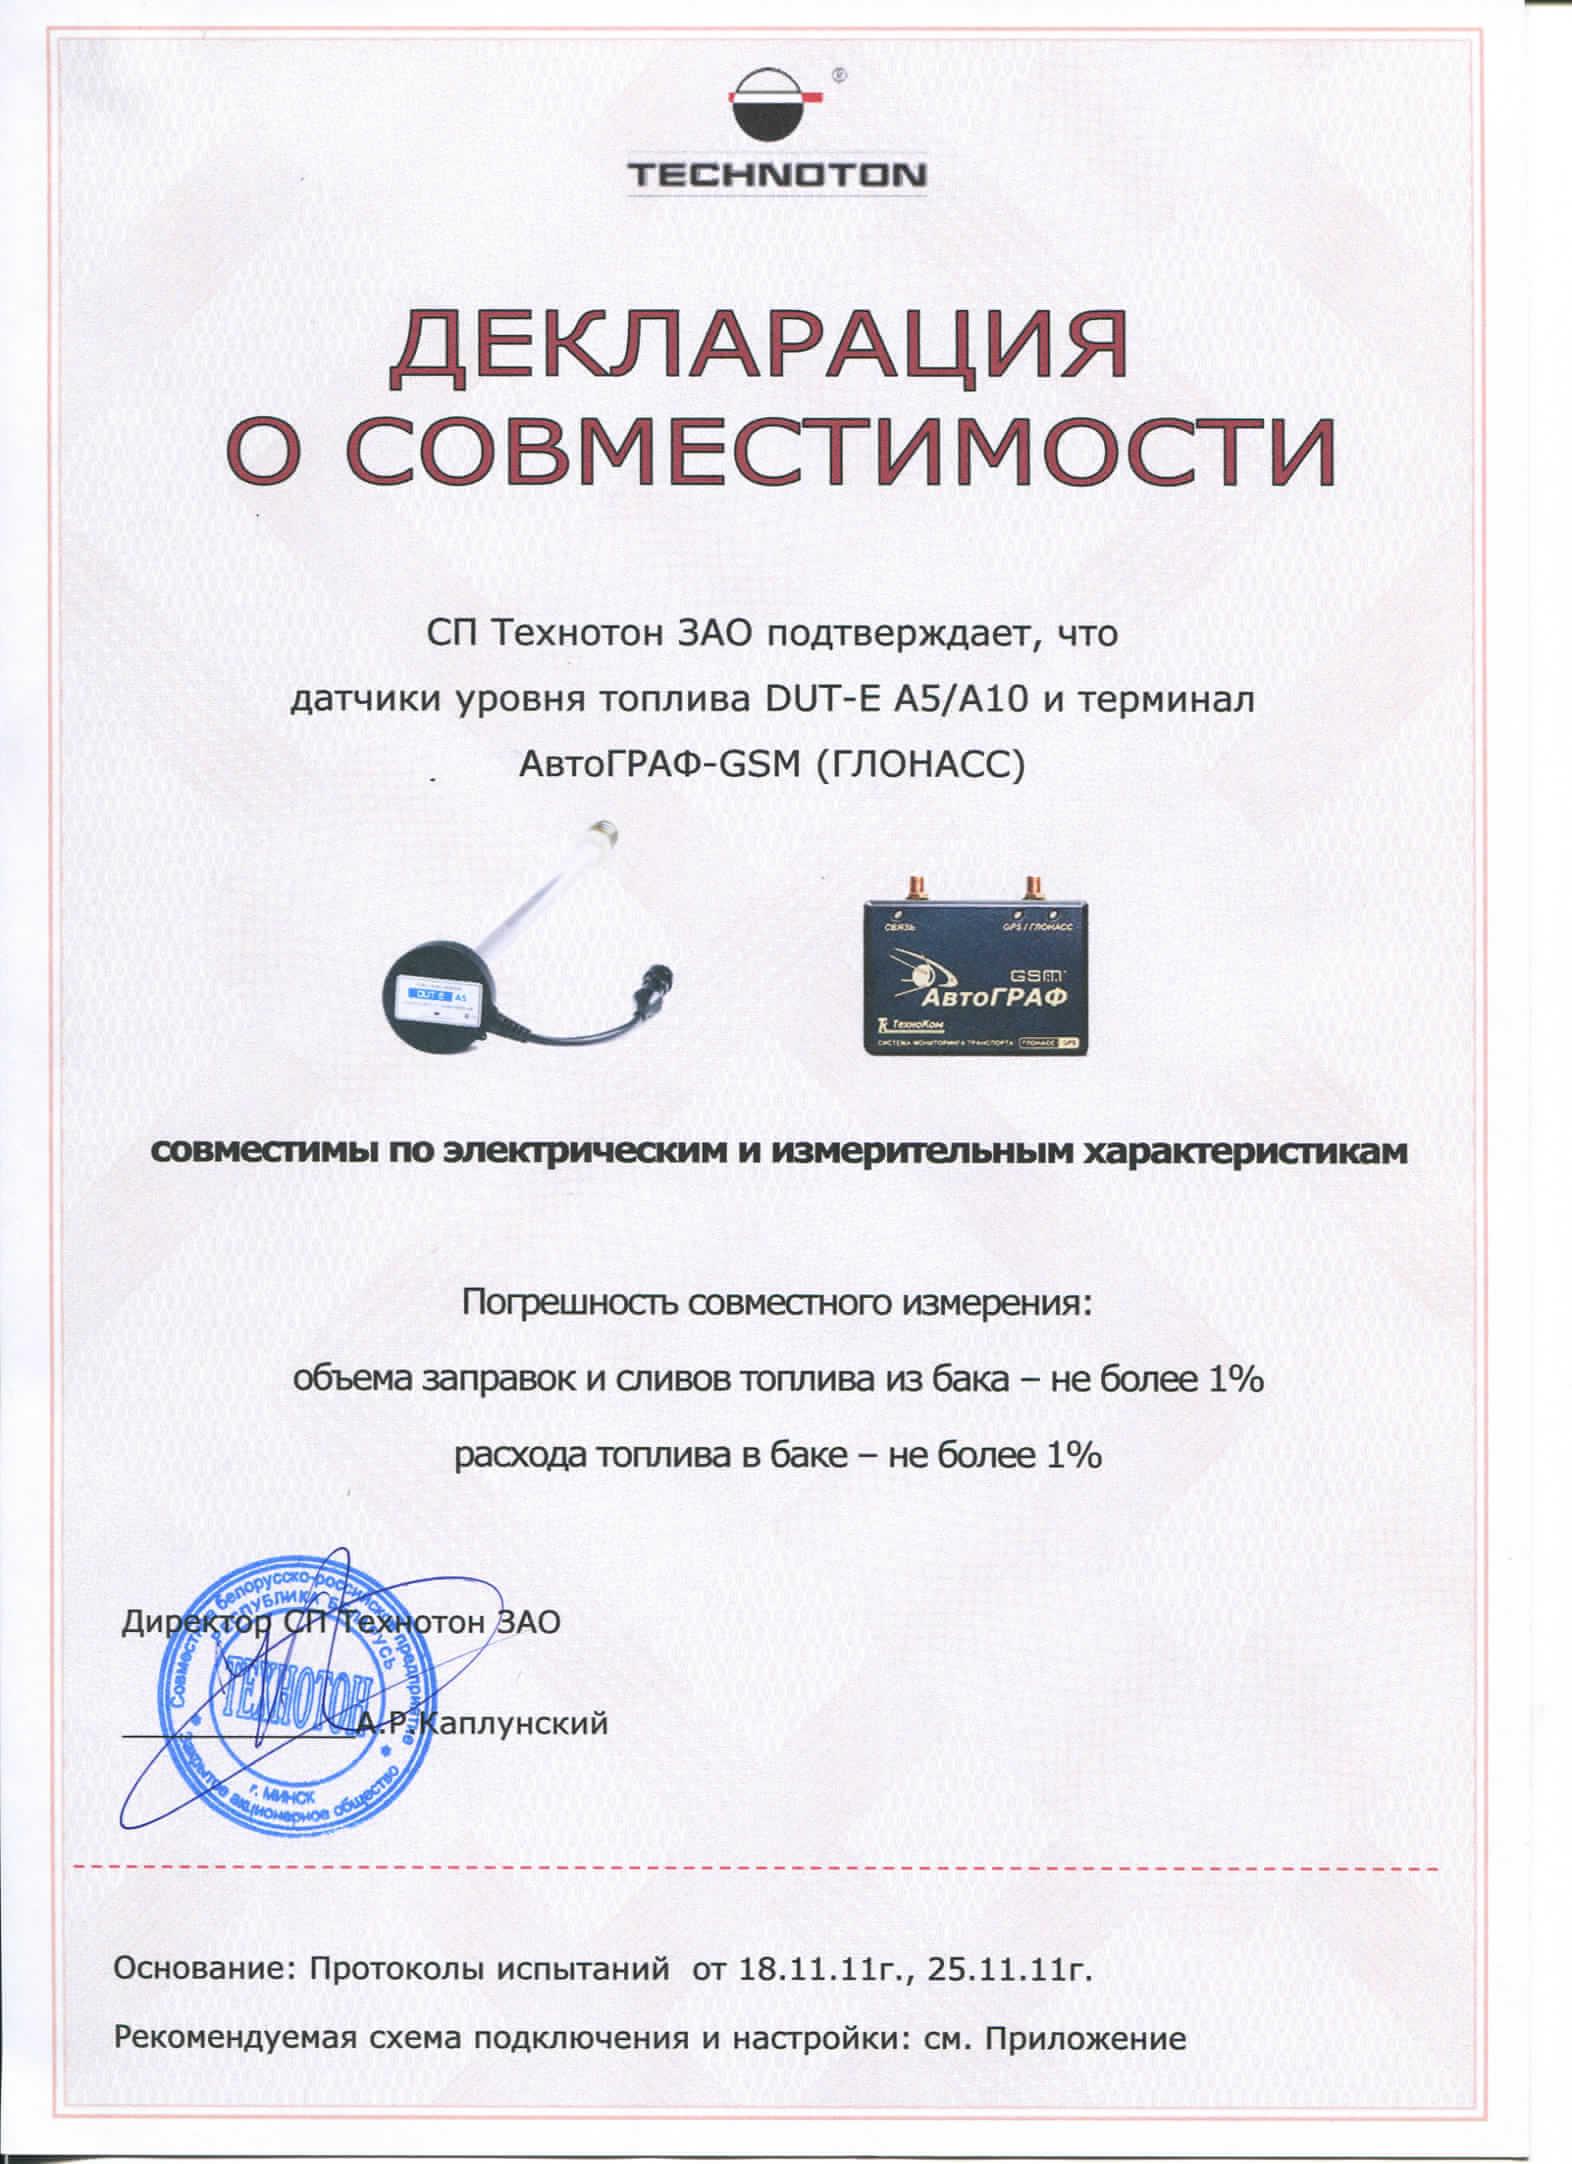 DUT-E A5-A10 совместим с AvtoGRAF GSM